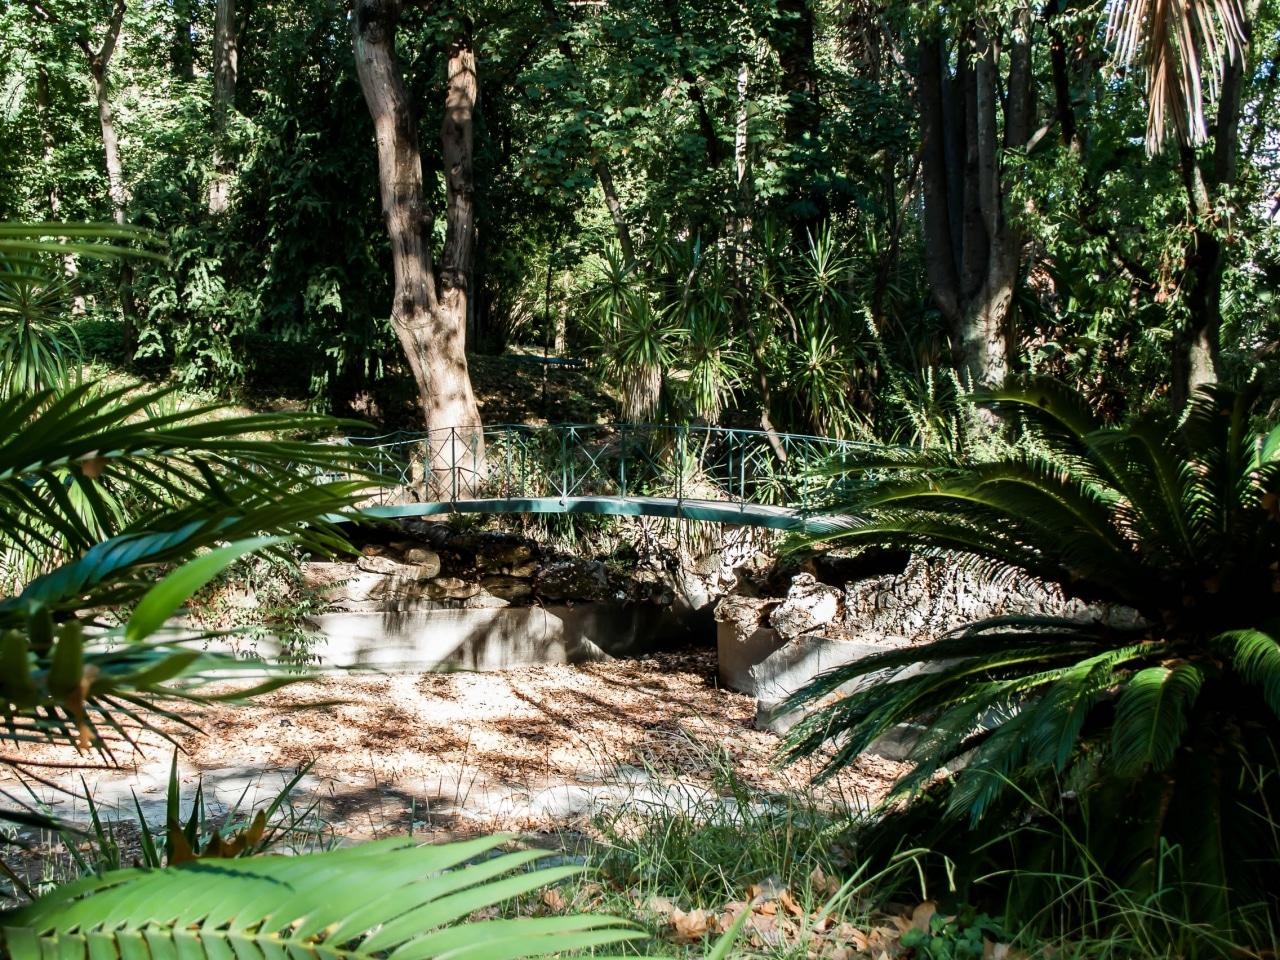 Lisbonne 4 balade dans le jardin botanique escapades etc for Camping le jardin botanique limeray